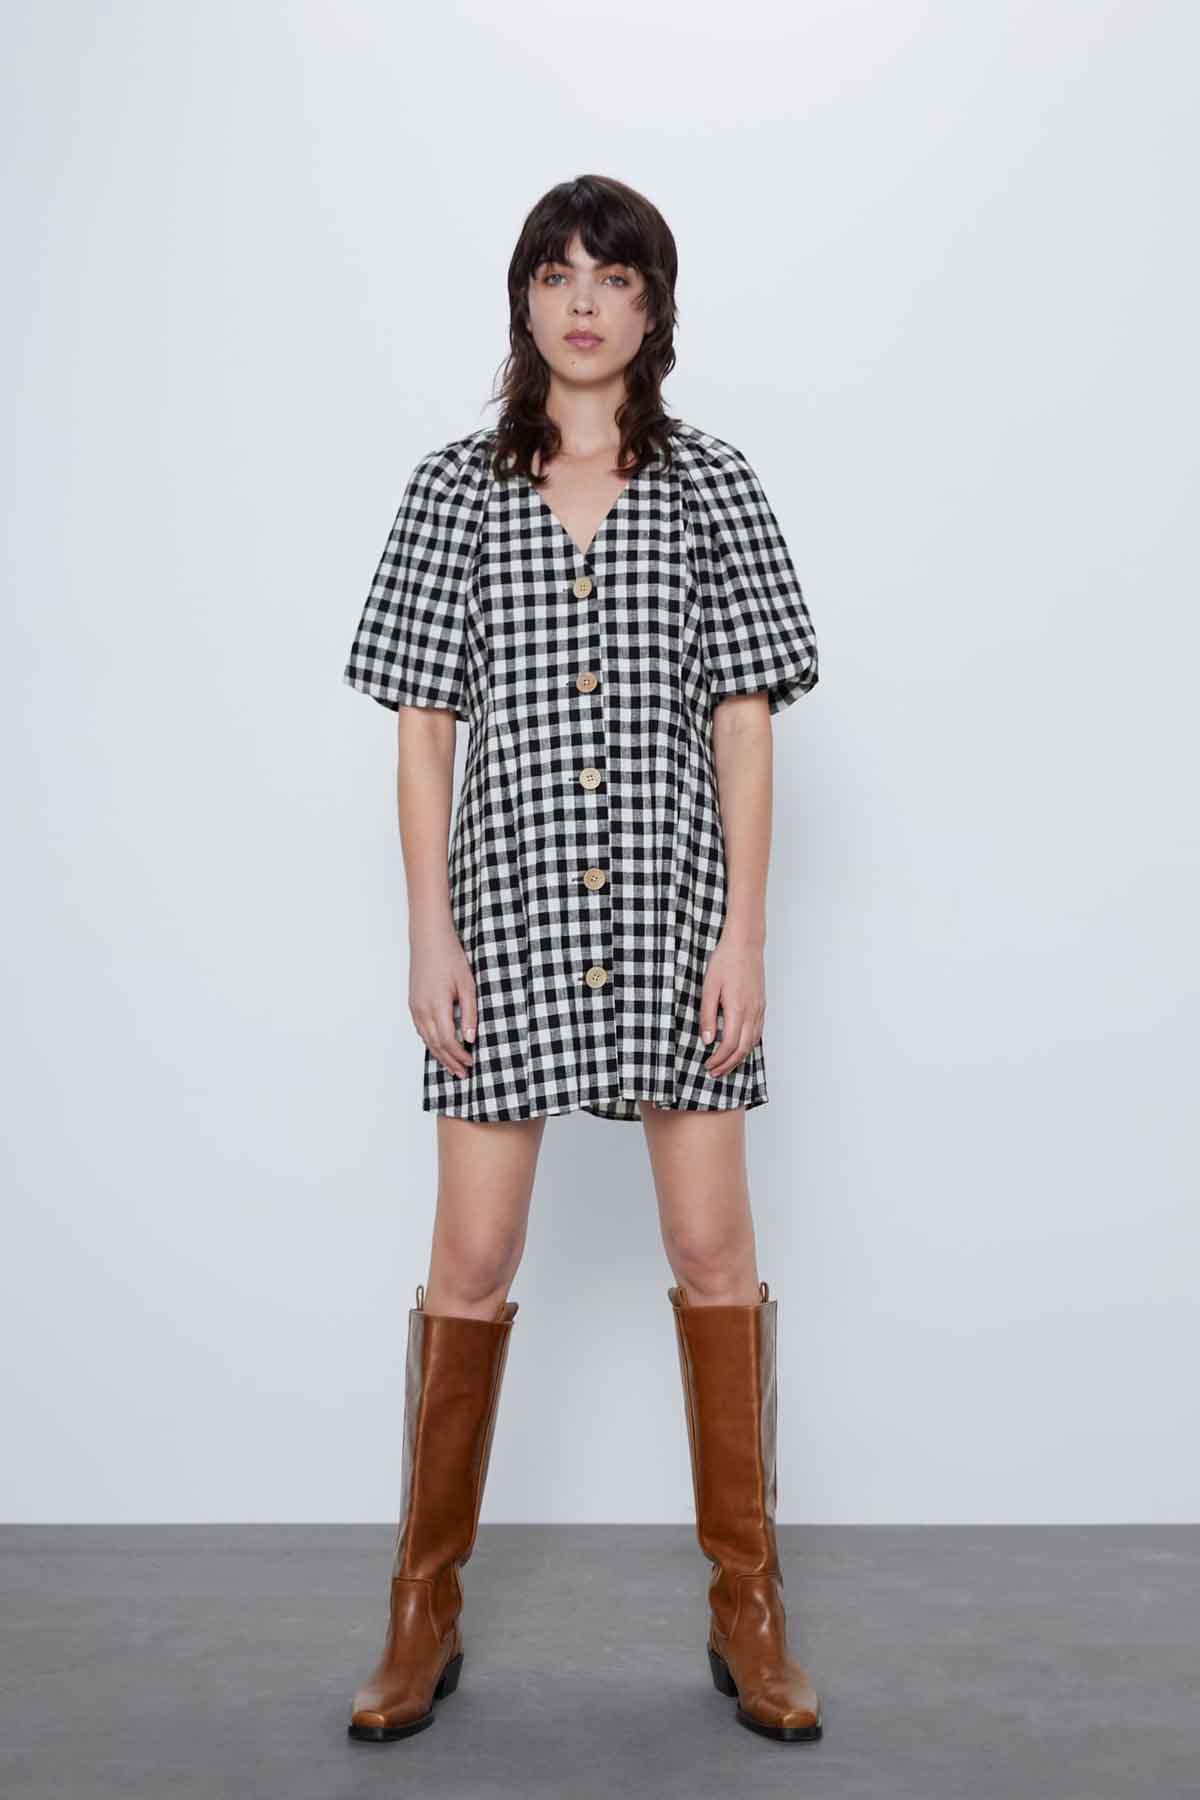 Vestido estampado vichy blanco y negro de Zara / Zara